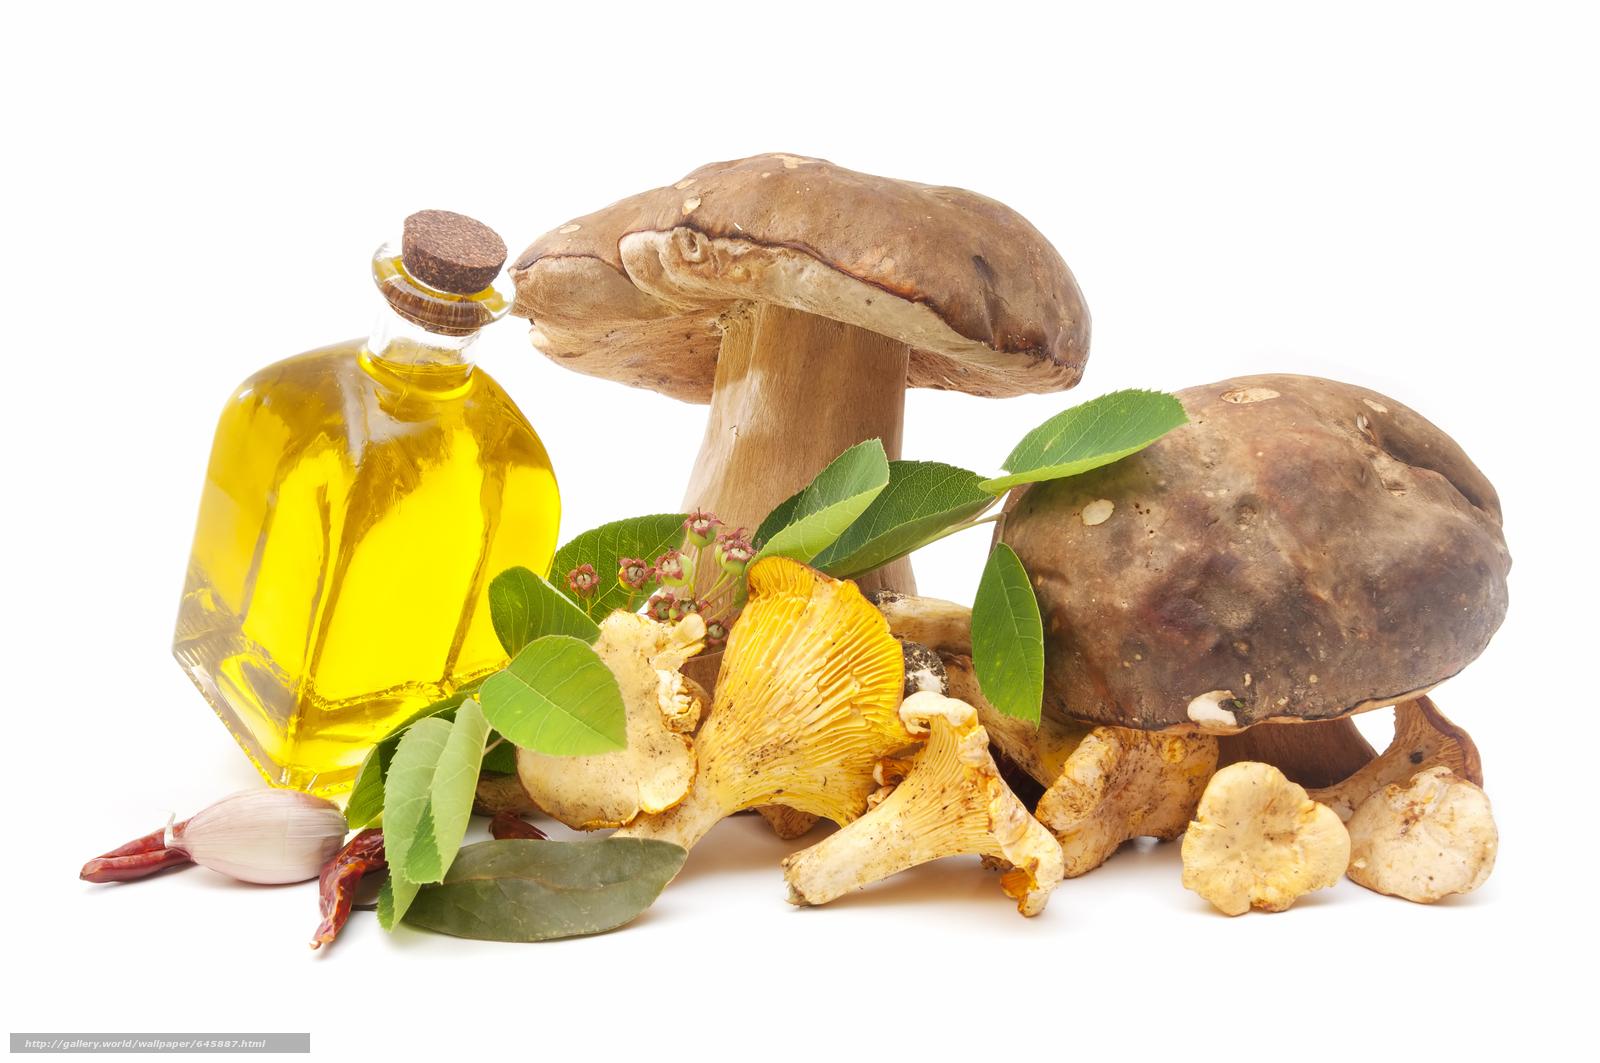 Скачать обои грибы,  белок,  еда,  растительное масло бесплатно для рабочего стола в разрешении 8500x5646 — картинка №645887